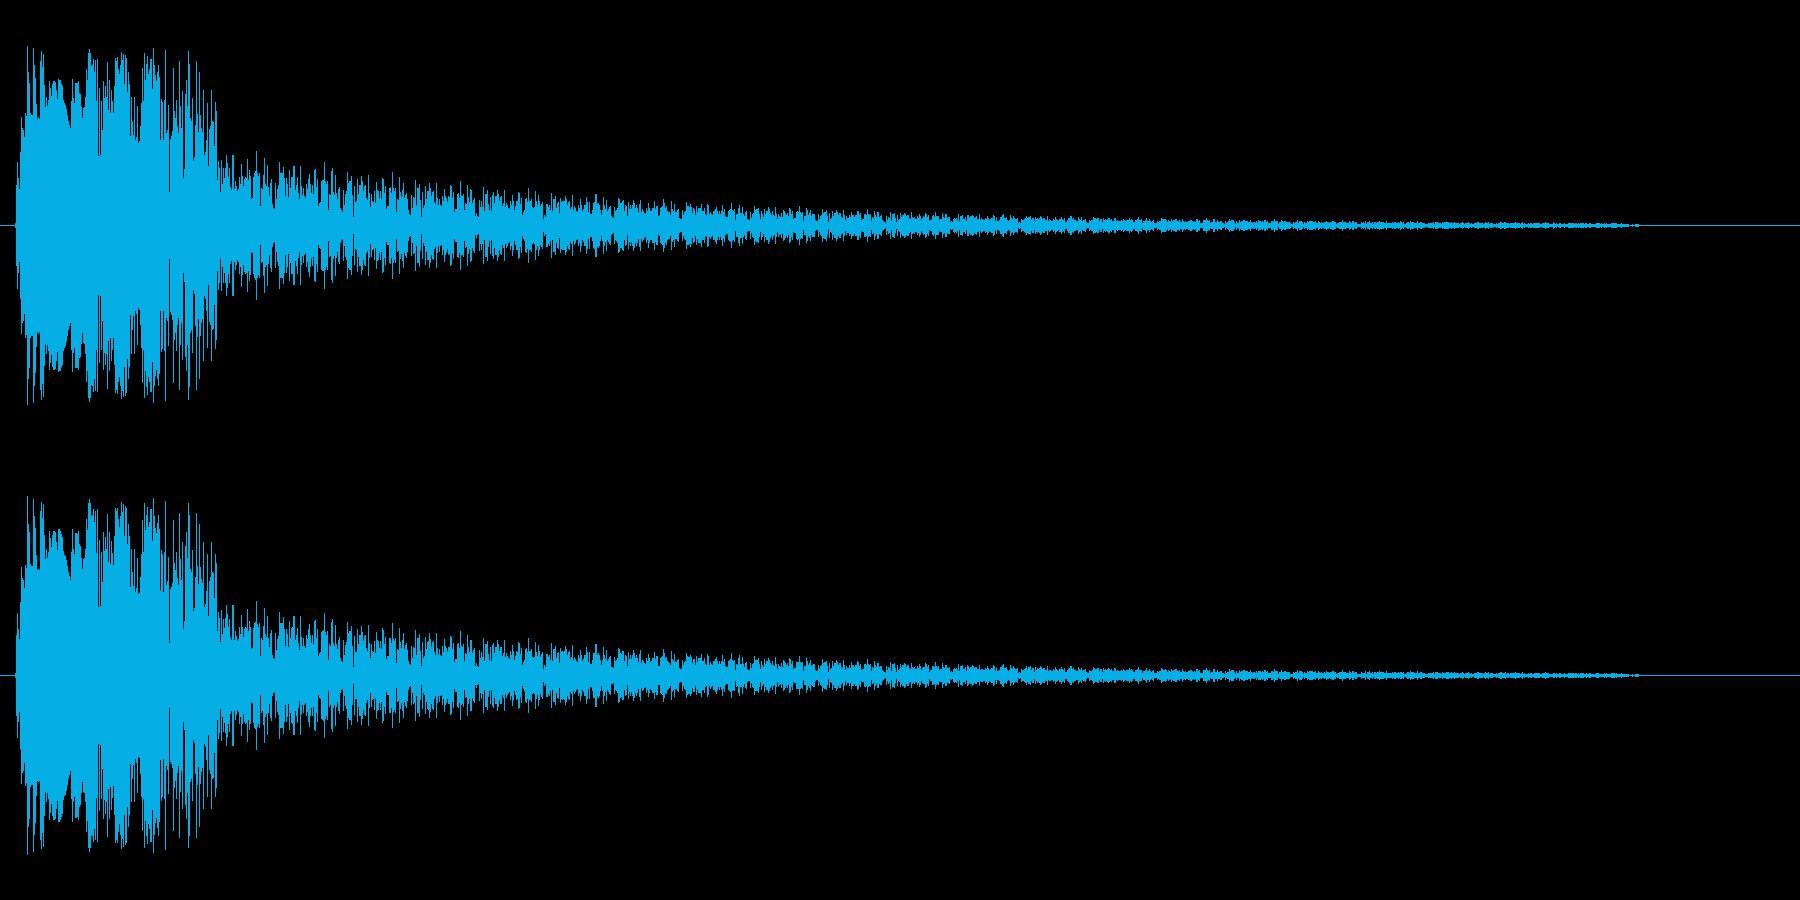 ピビューン(レーザービームの音)の再生済みの波形